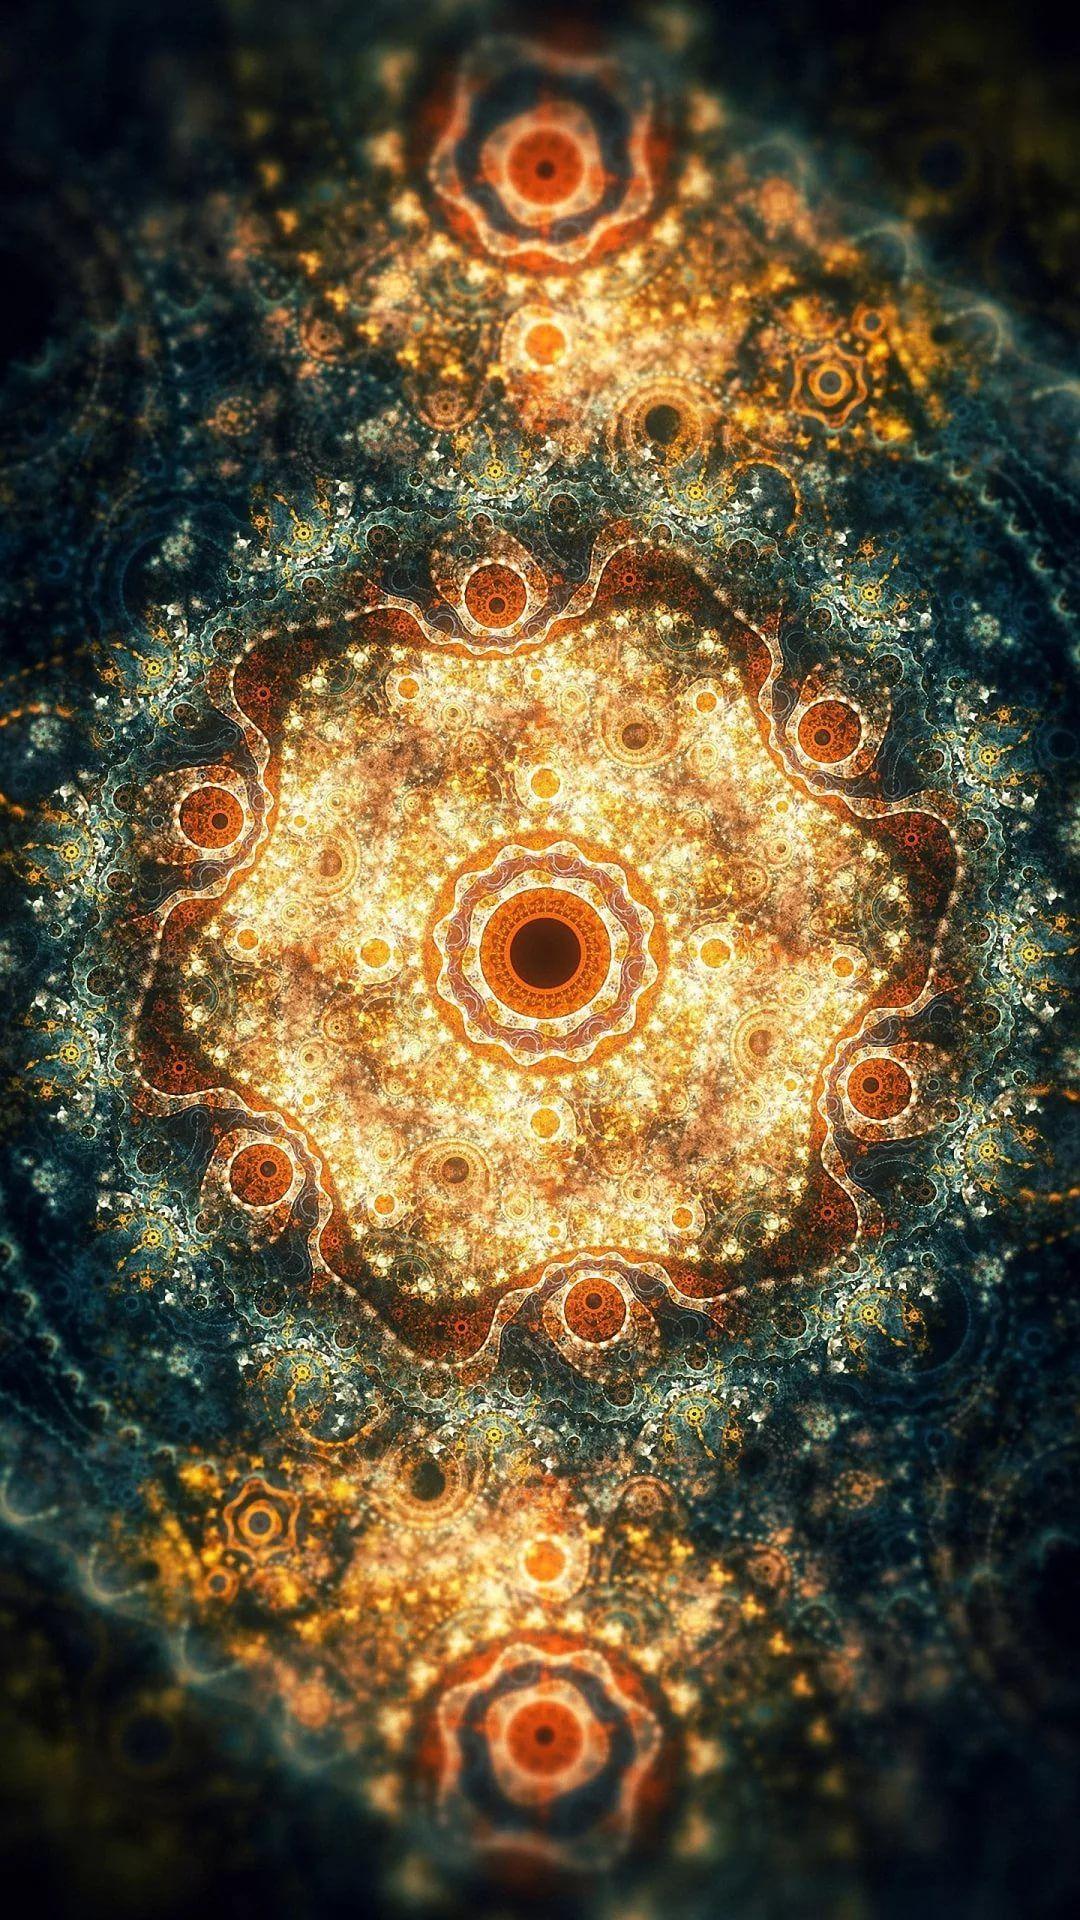 Om Mantra screensaver wallpaper